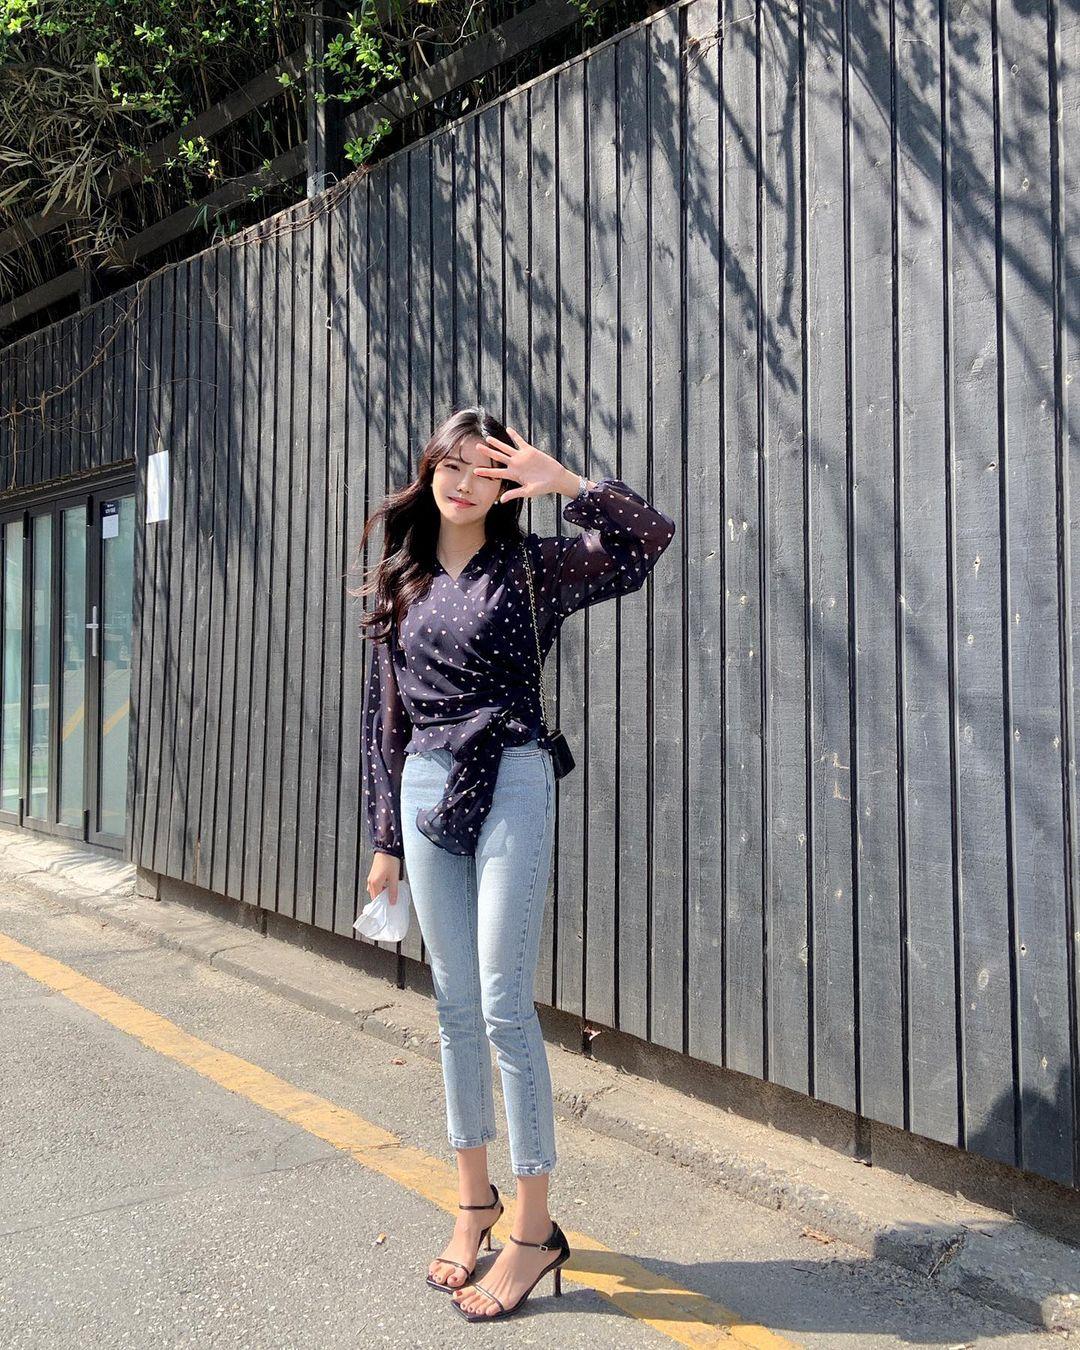 10 cách diện áo hoa cực xinh yêu từ gái Hàn, áp dụng theo thì style chỉ có chuẩn sang xịn - Ảnh 1.